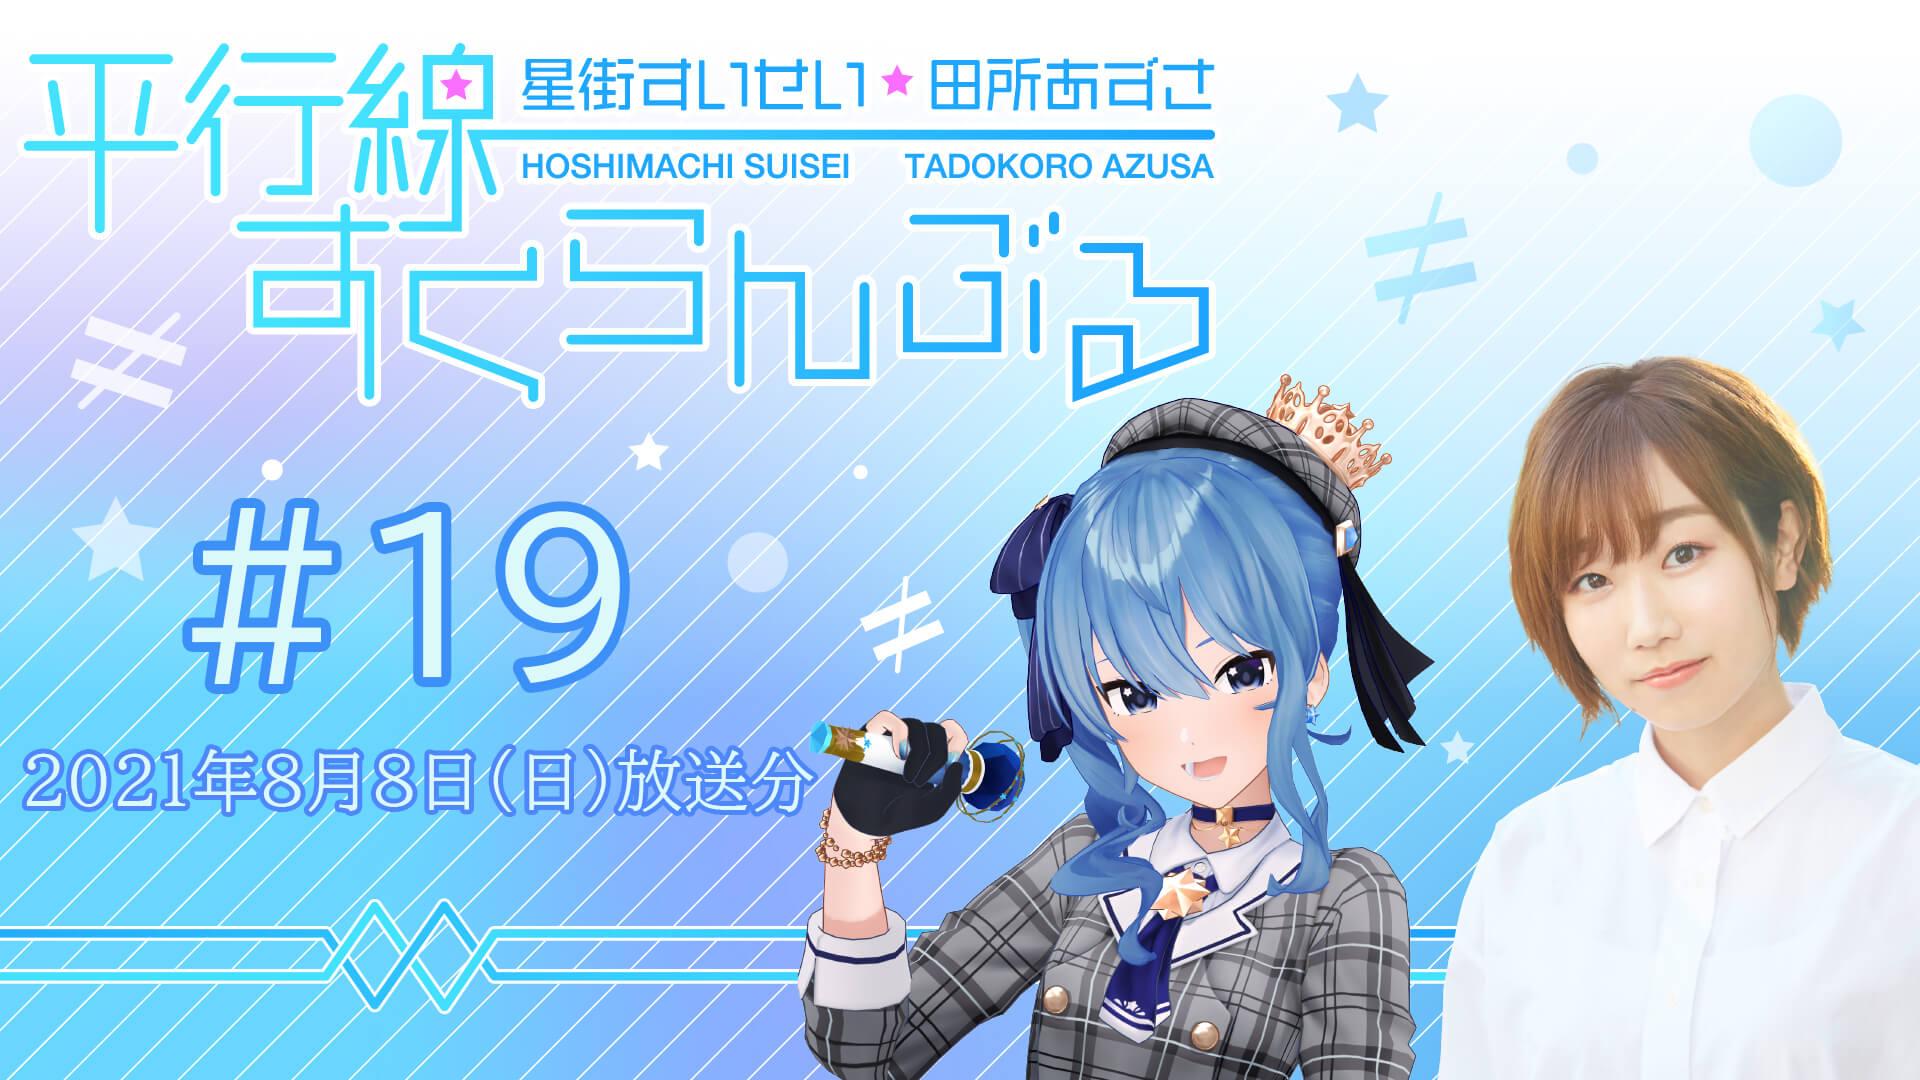 #19『星街すいせい・田所あずさ 平行線すくらんぶる』(2021年8月8日放送分)